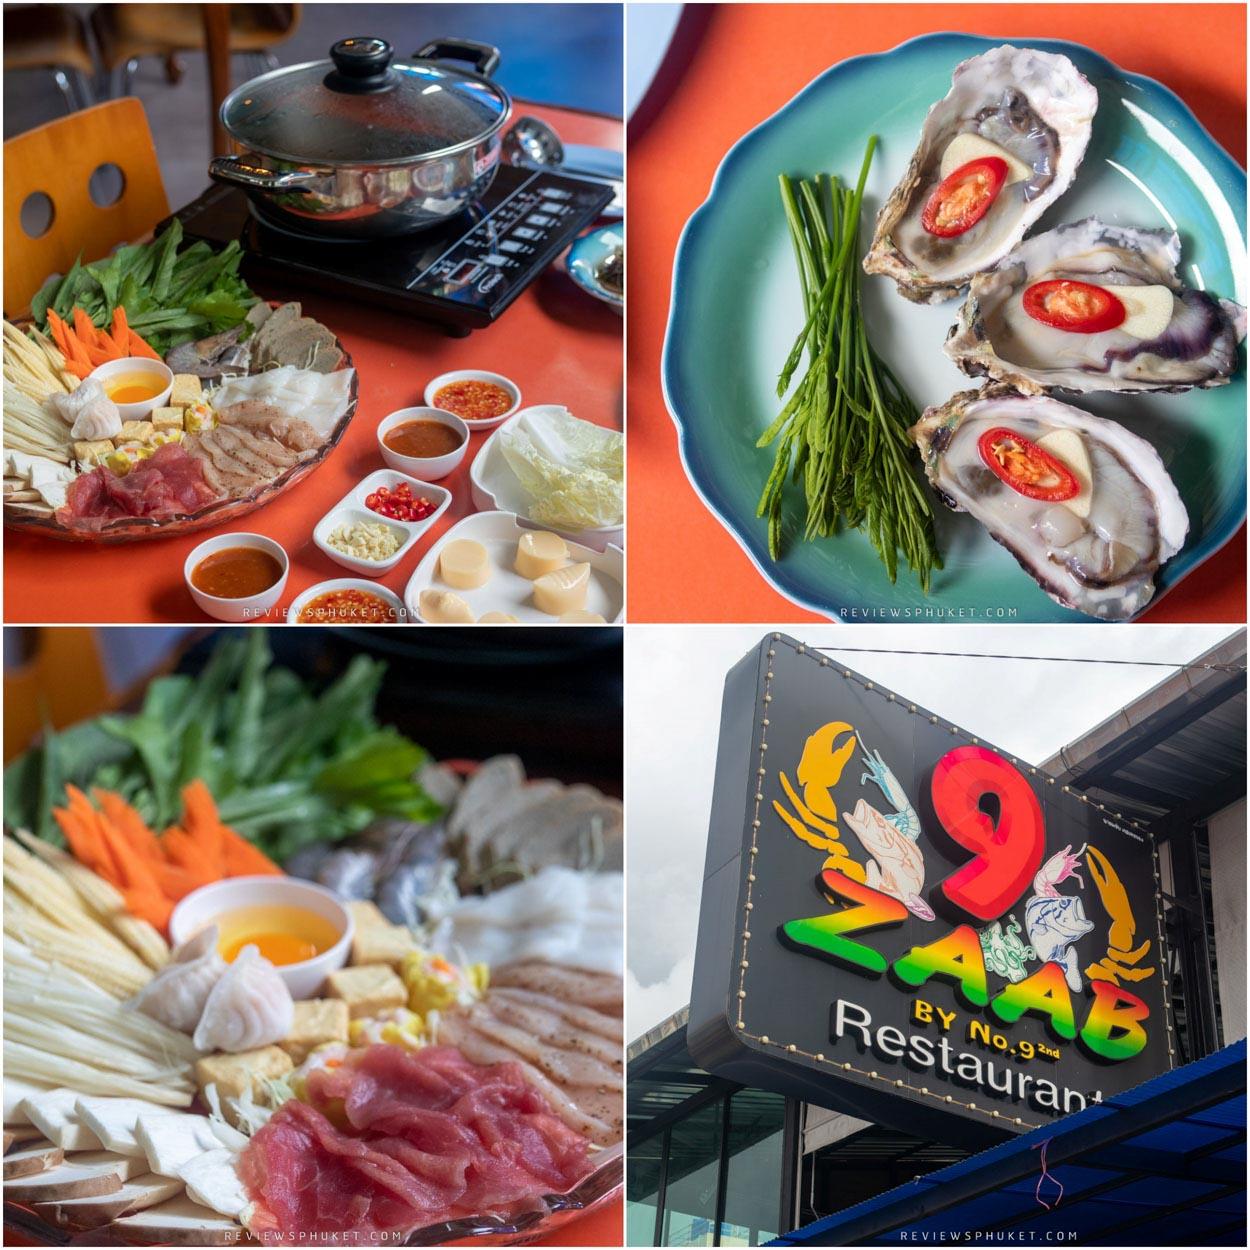 9 Zaab by no.9 ร้านเด็ดป่าตองภูเก็ต จุดเด่นของร้านคือมีความหลากหลาย ทั้งอาหารไทย ซีฟู๊ด ชาบู บุฟเฟ่ต์ก็มีครบหมด